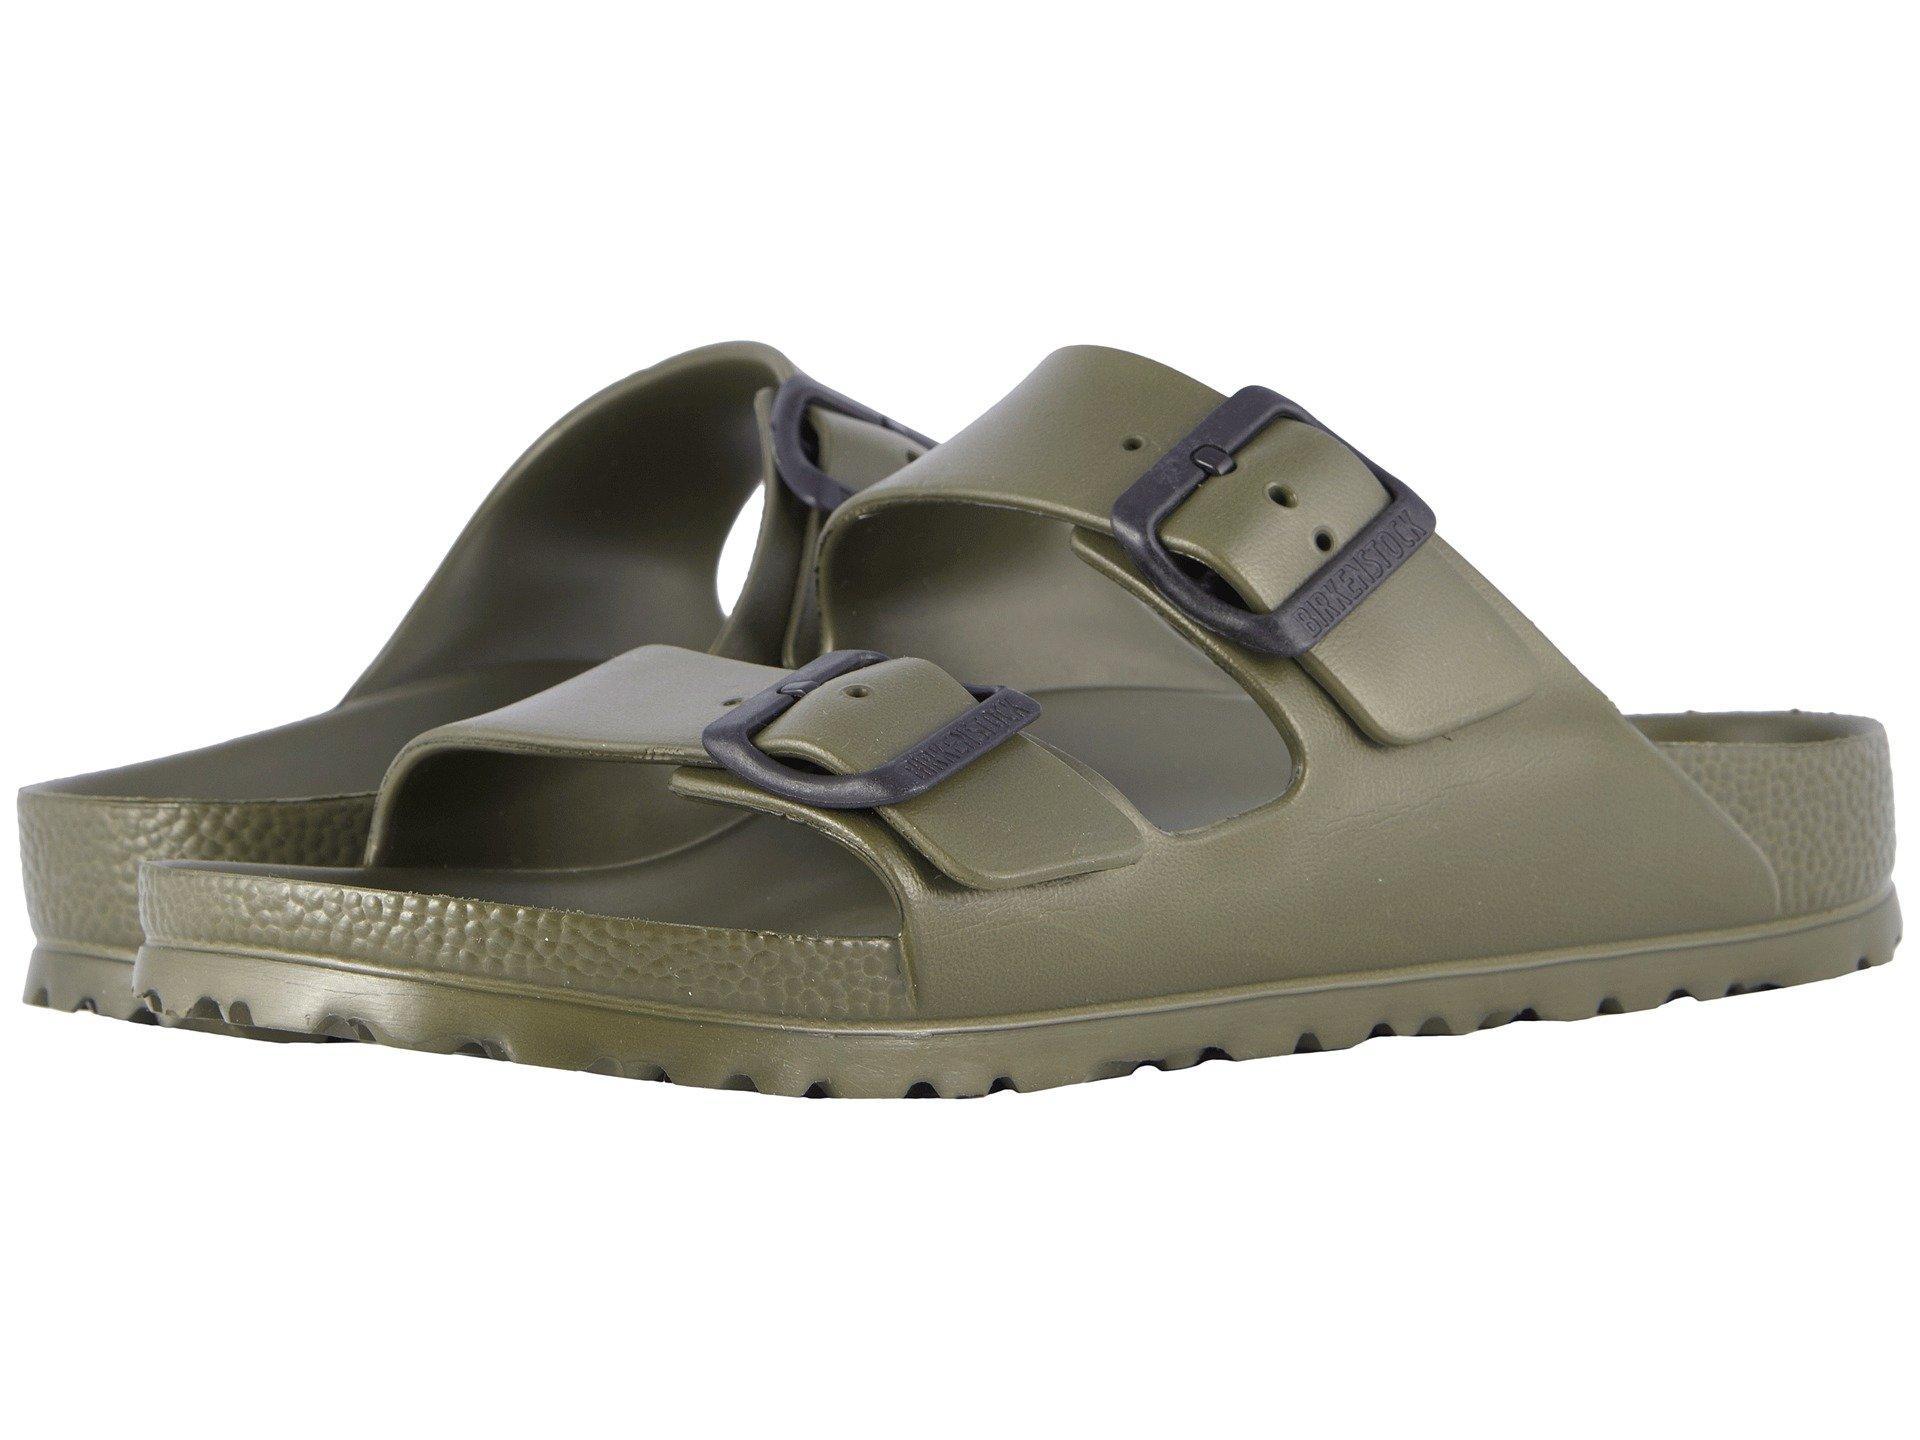 6d1983700042 Lyst - Birkenstock Arizona Essentials (black Eva) Men s Sandals in ...